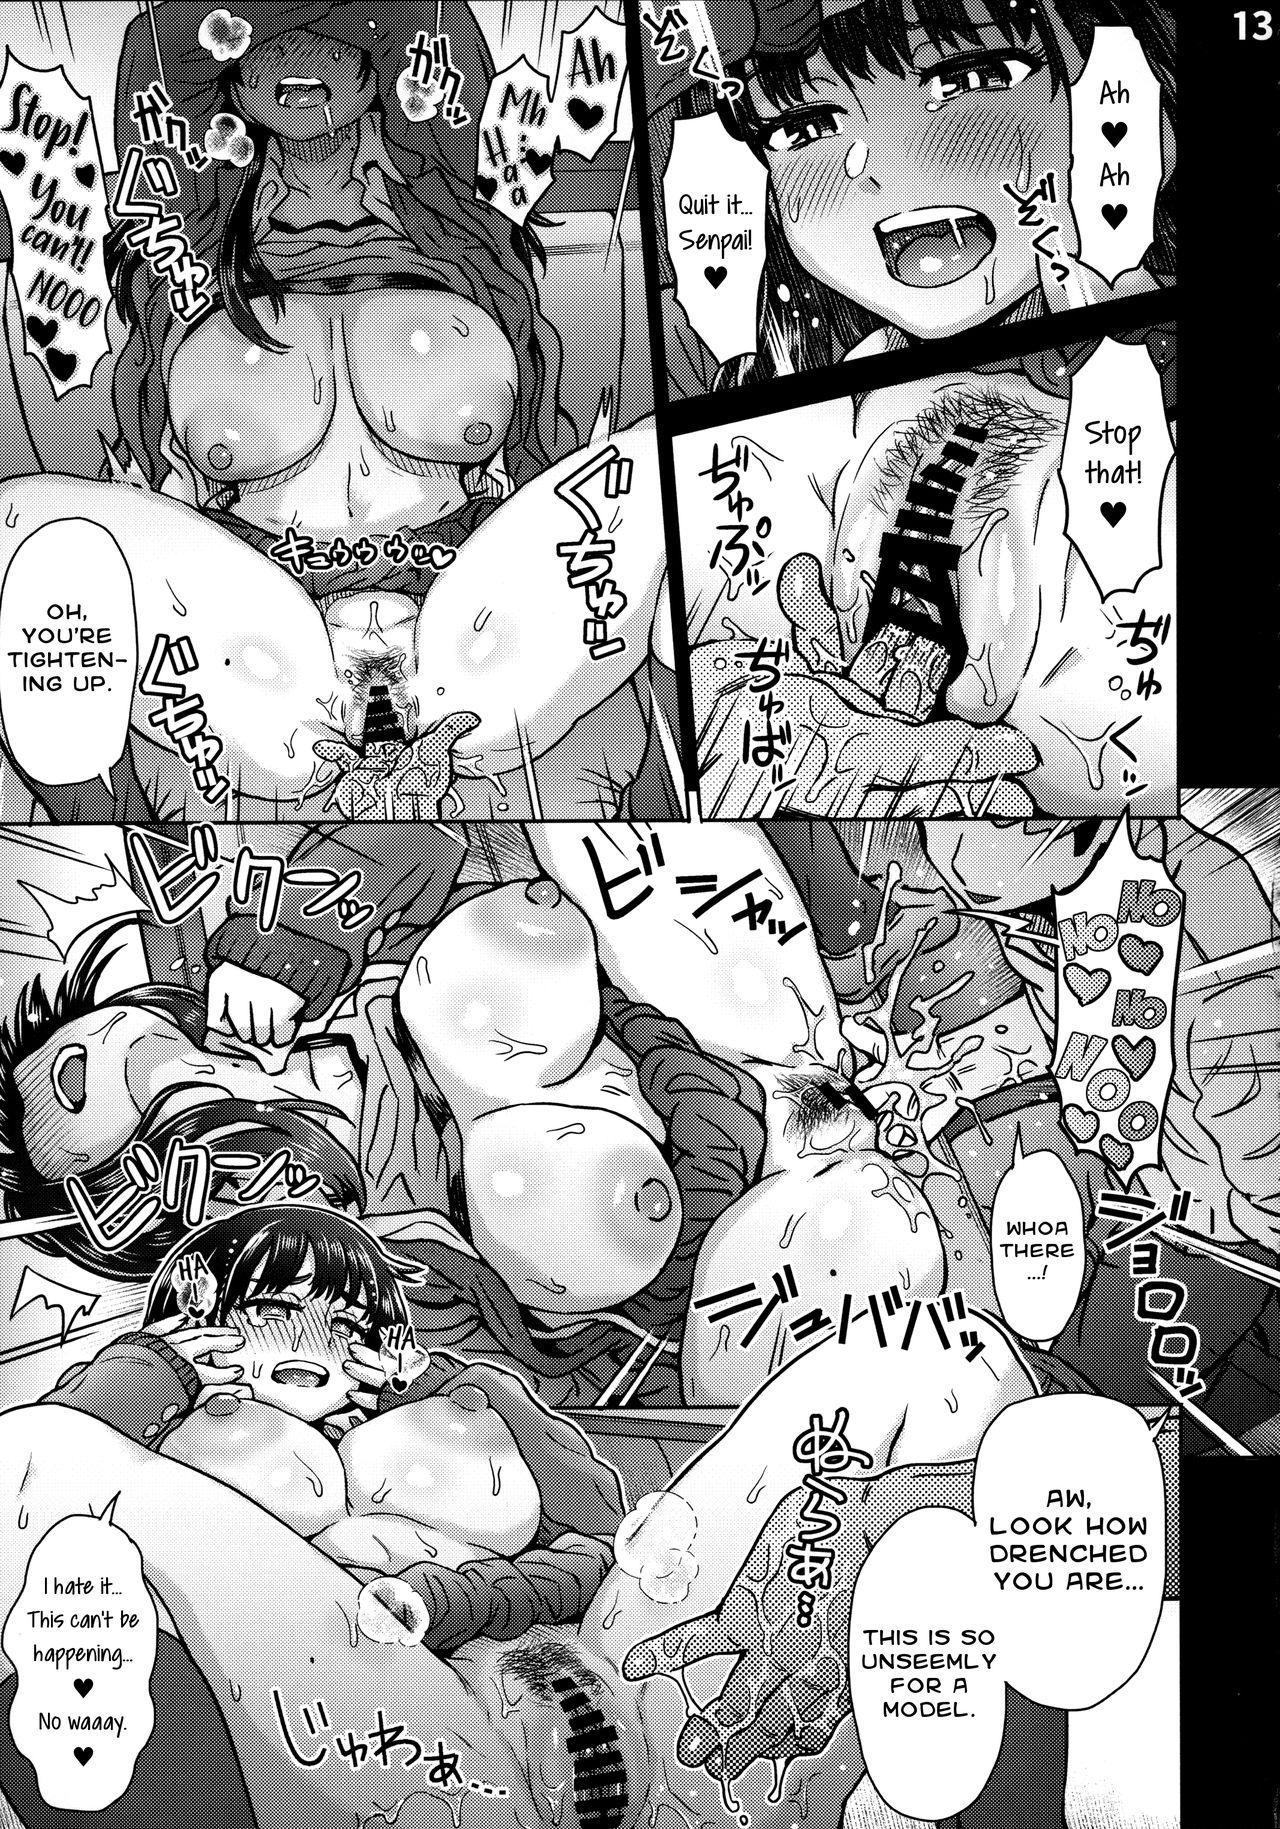 [Eight Beat (Itou Eight)] Boku no Kokoro no NTR (Yabai) Mousou | The NTR (Dangers) Delusions in My Heart (Boku no Kokoro no Yabai Yatsu) [English] [Nisor] 13